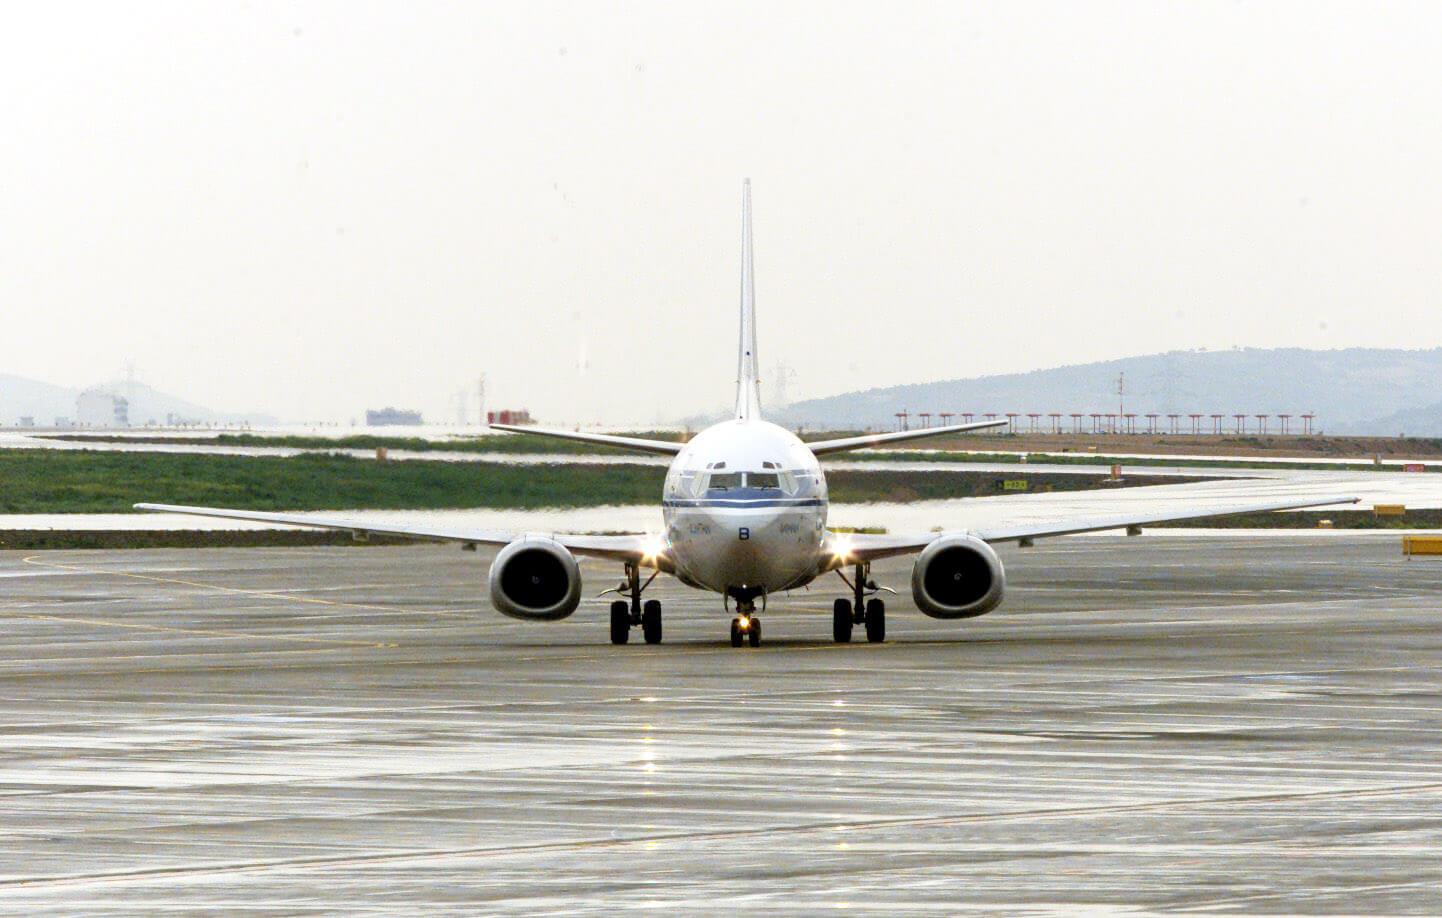 Θεσσαλονίκη: Περιπέτεια στον αέρα για τους επιβάτες 4 πτήσεων – Οι πιλότοι αντιμέτωποι με την κακοκαιρία!